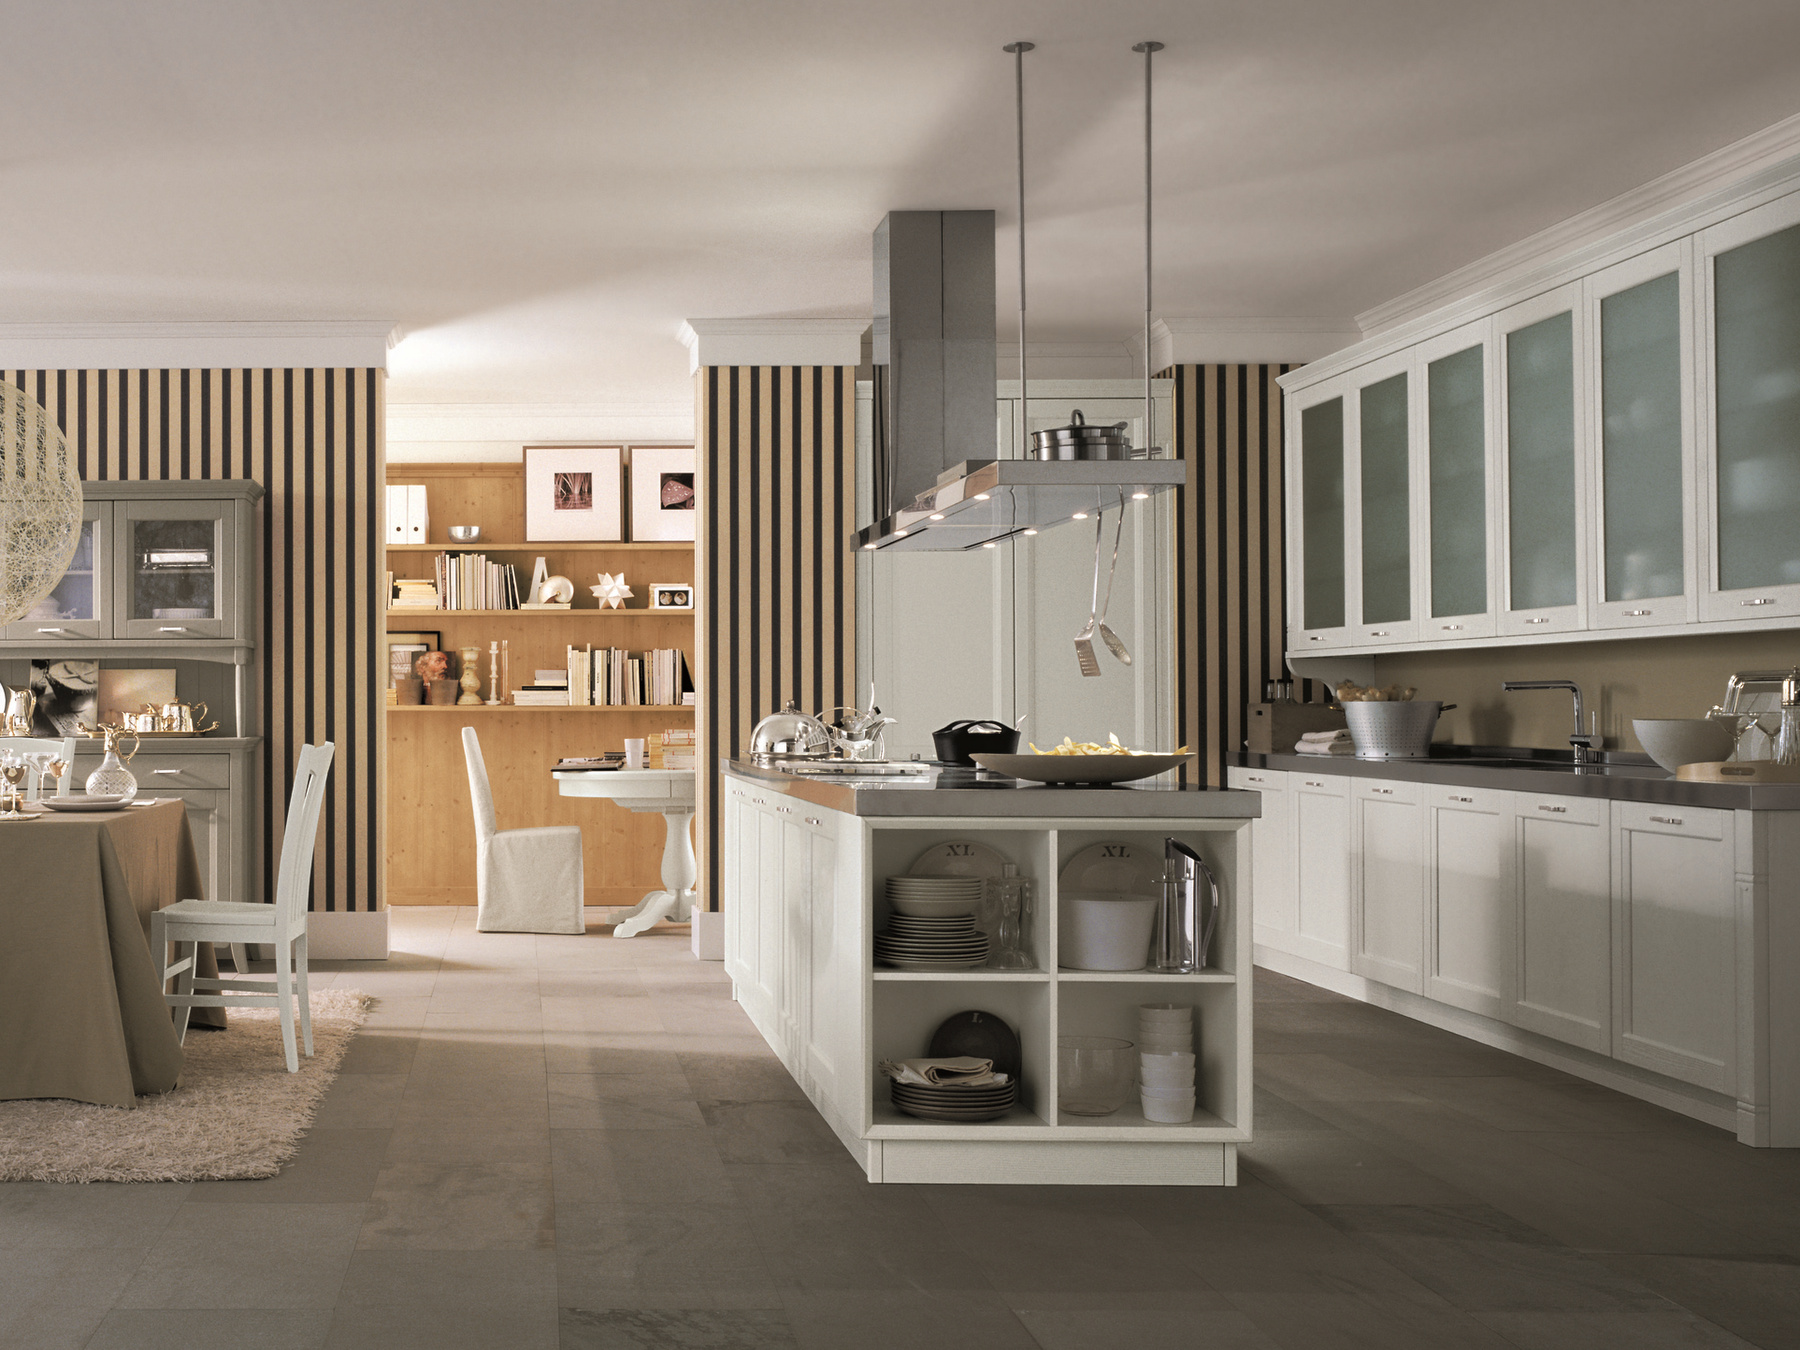 Küche aus Holz mit Kücheninsel NUOVO MONDO N01 by Scandola Mobili